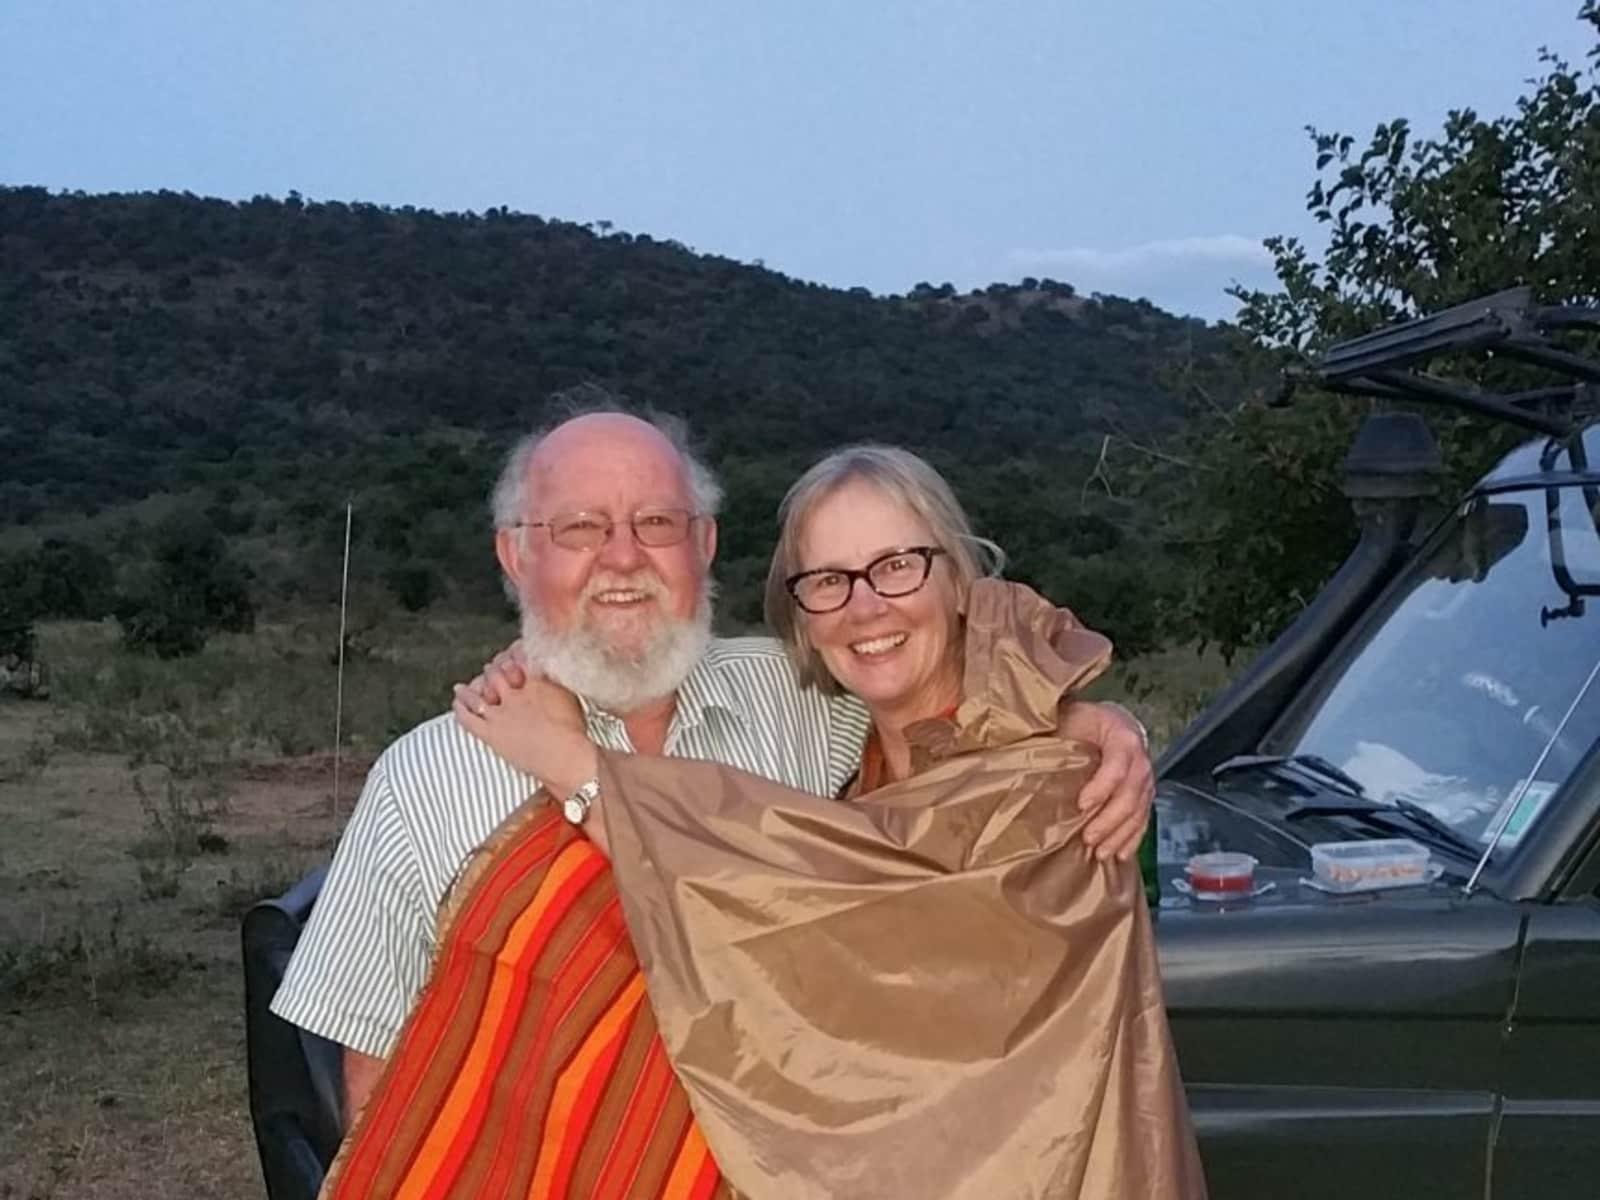 Deborah & Gerry from Toowoomba, Queensland, Australia